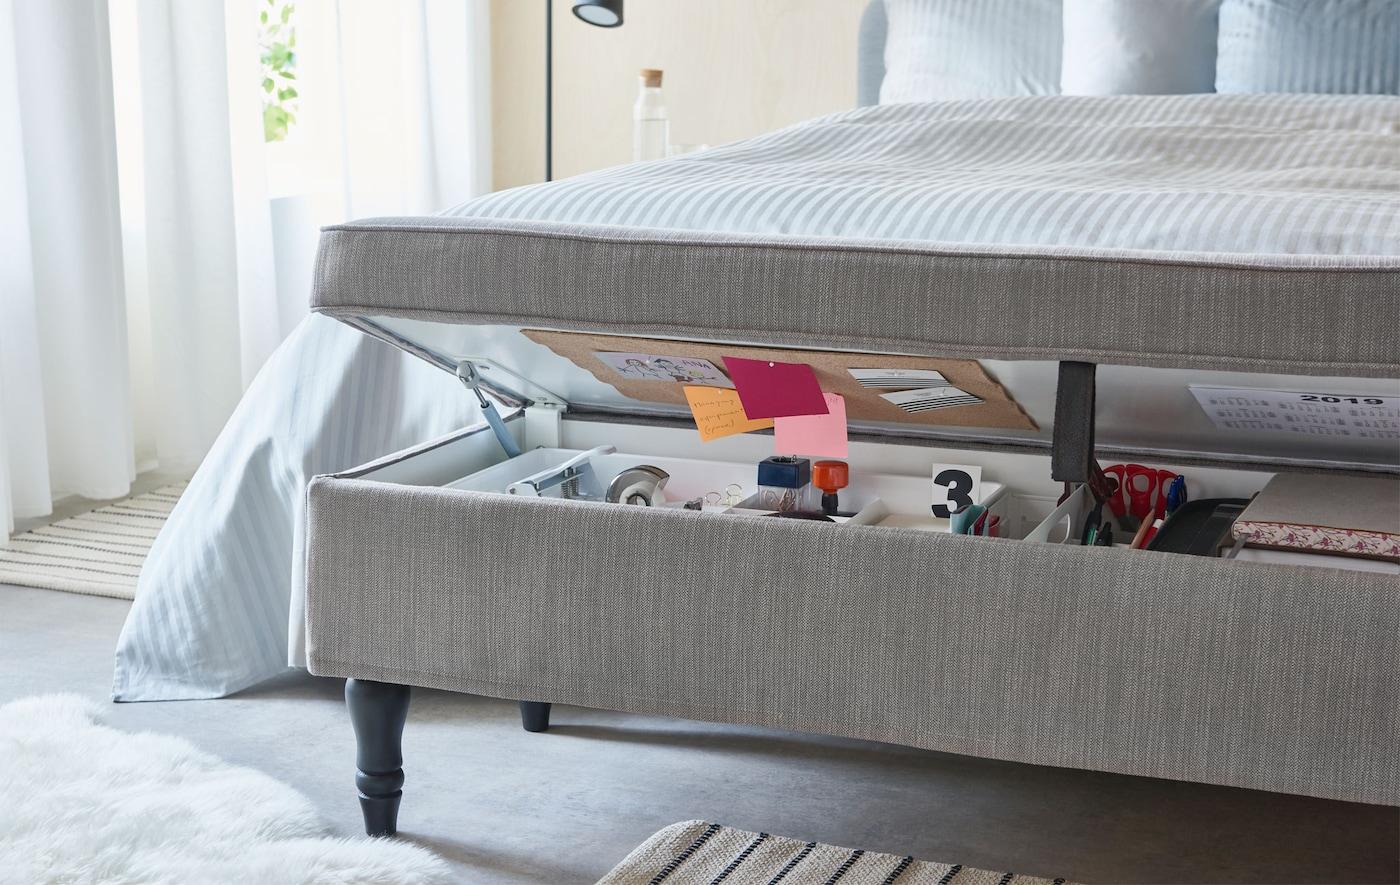 Panca con fodera in tessuto collocata ai piedi del letto, con contenitore integrato contenente tutto l'occorrente per un ufficio a casa - IKEA